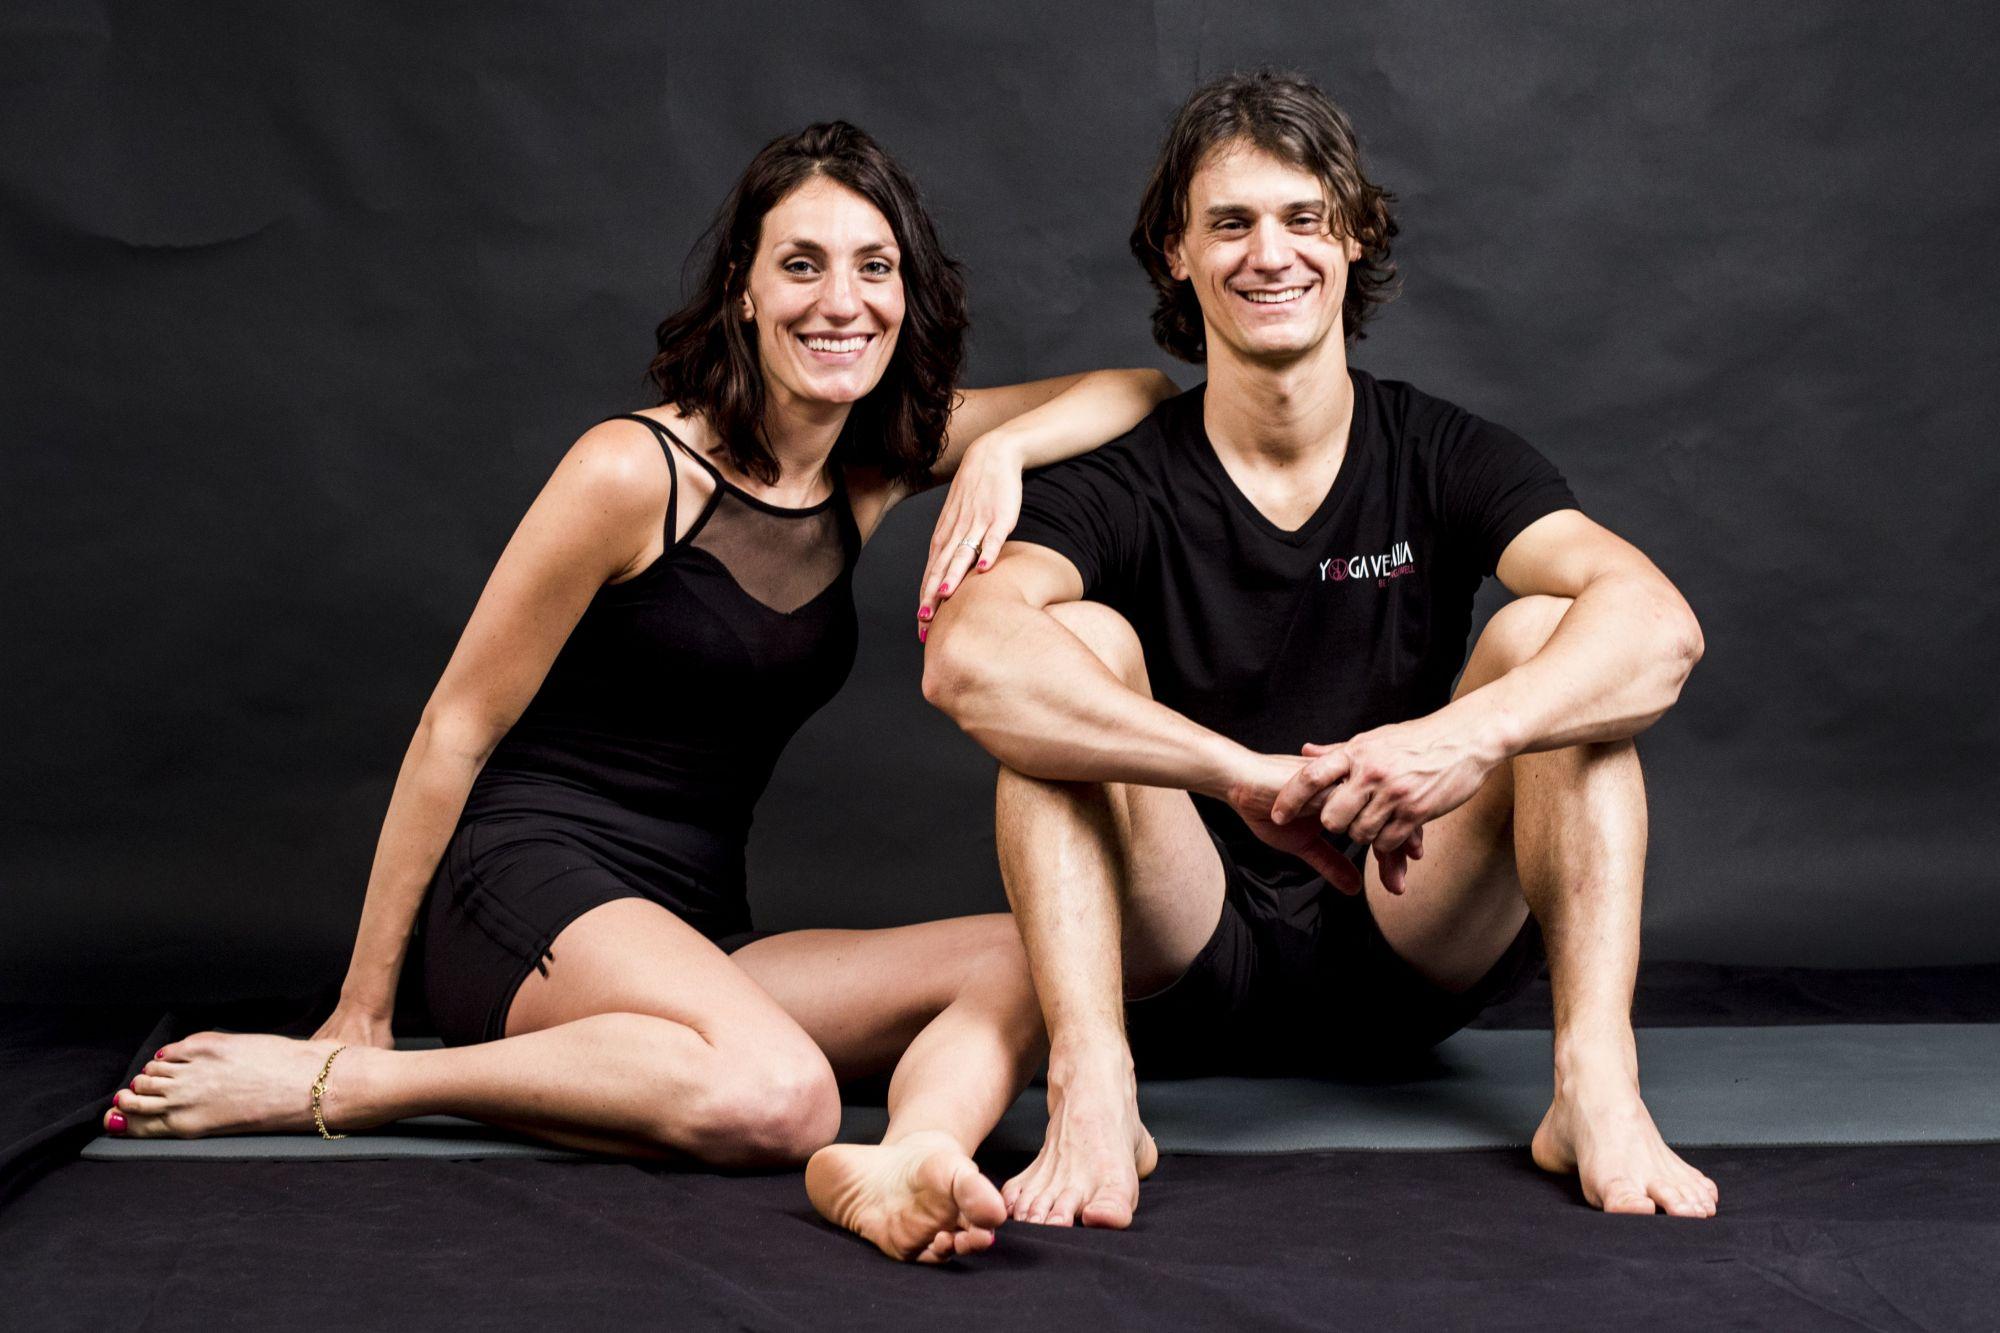 Apre un centro Yoga per vivere il benessere a 360°